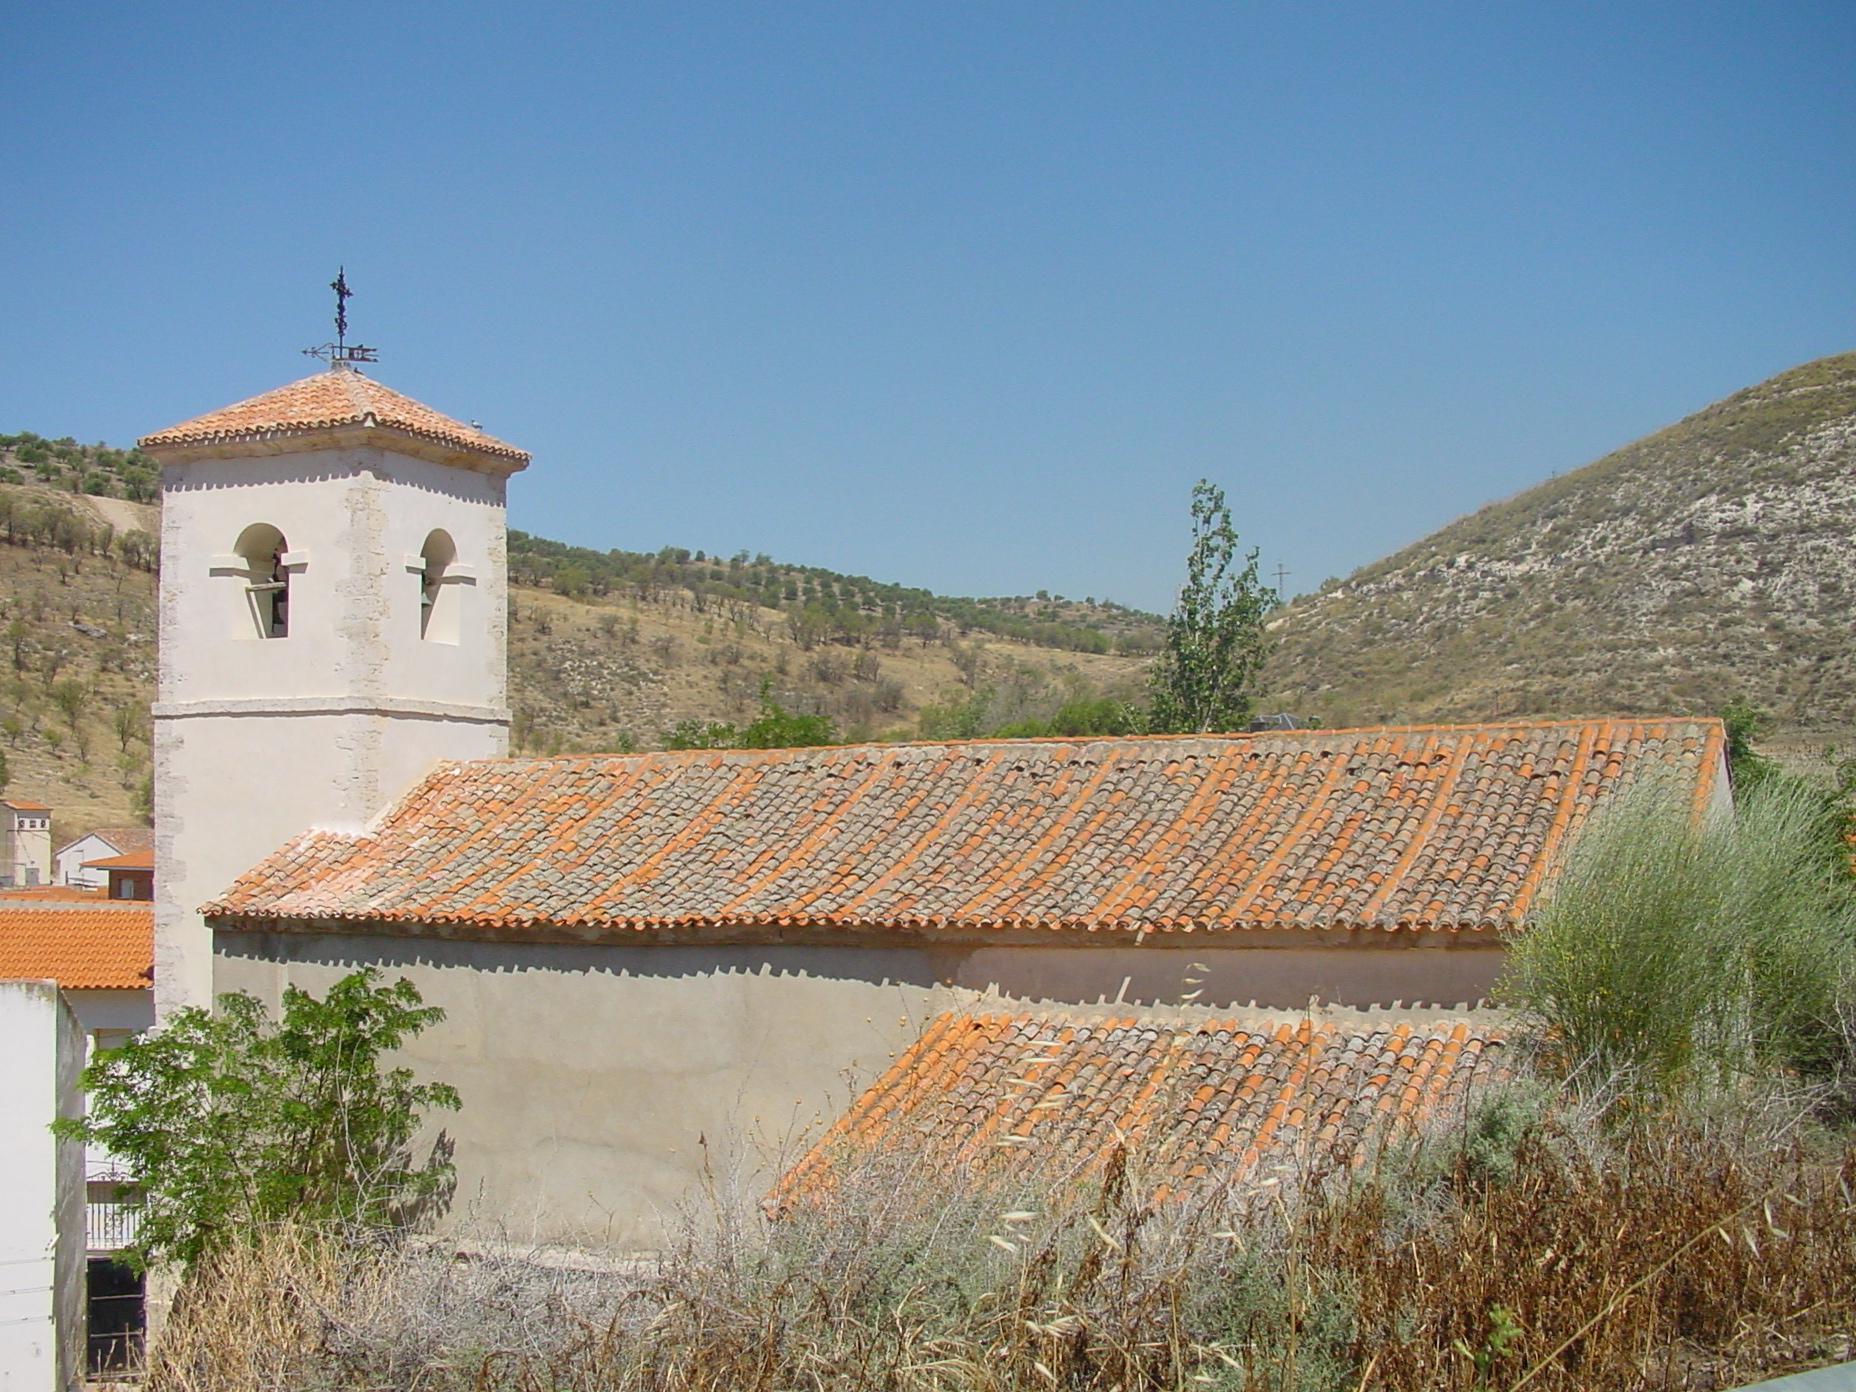 Vista lateral de iglesia en Valverde de Alcalá